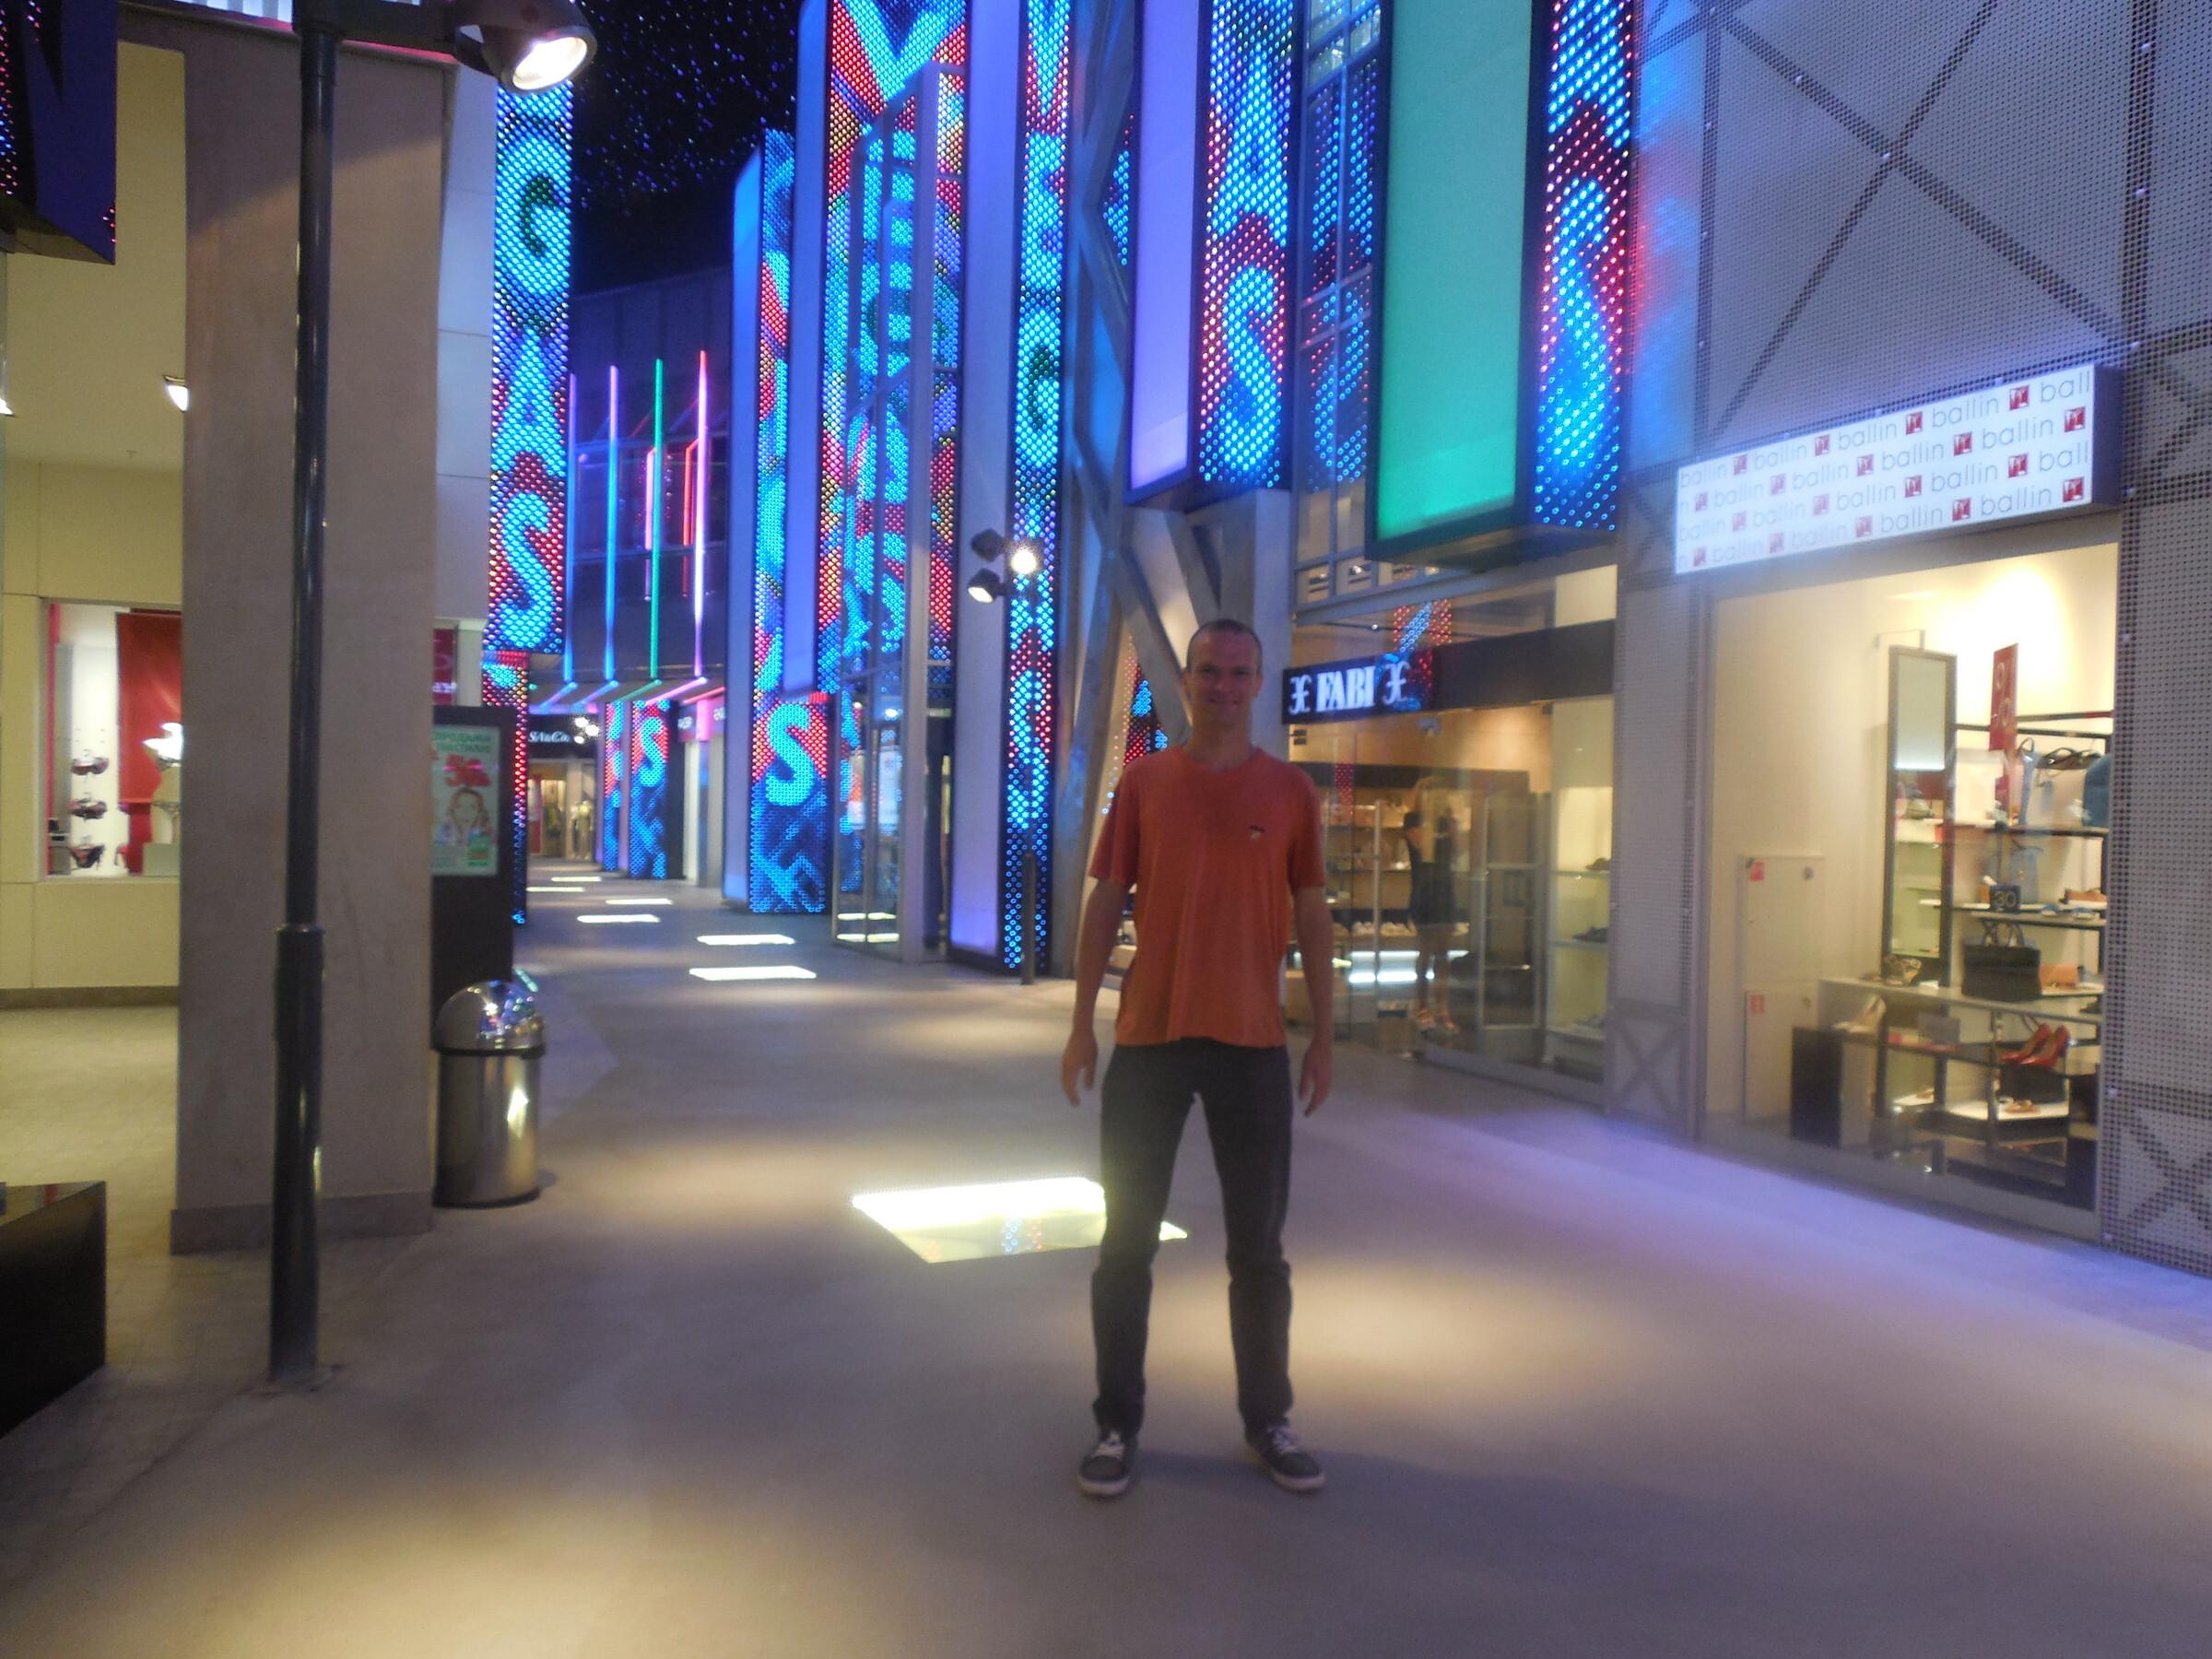 Торгово-развлекательный центр «Вегас» внутри: аллея славы (аллея звёзд) (этот участок торгового центра красочно подсвечен), Москва - ТРЦ «Вегас»